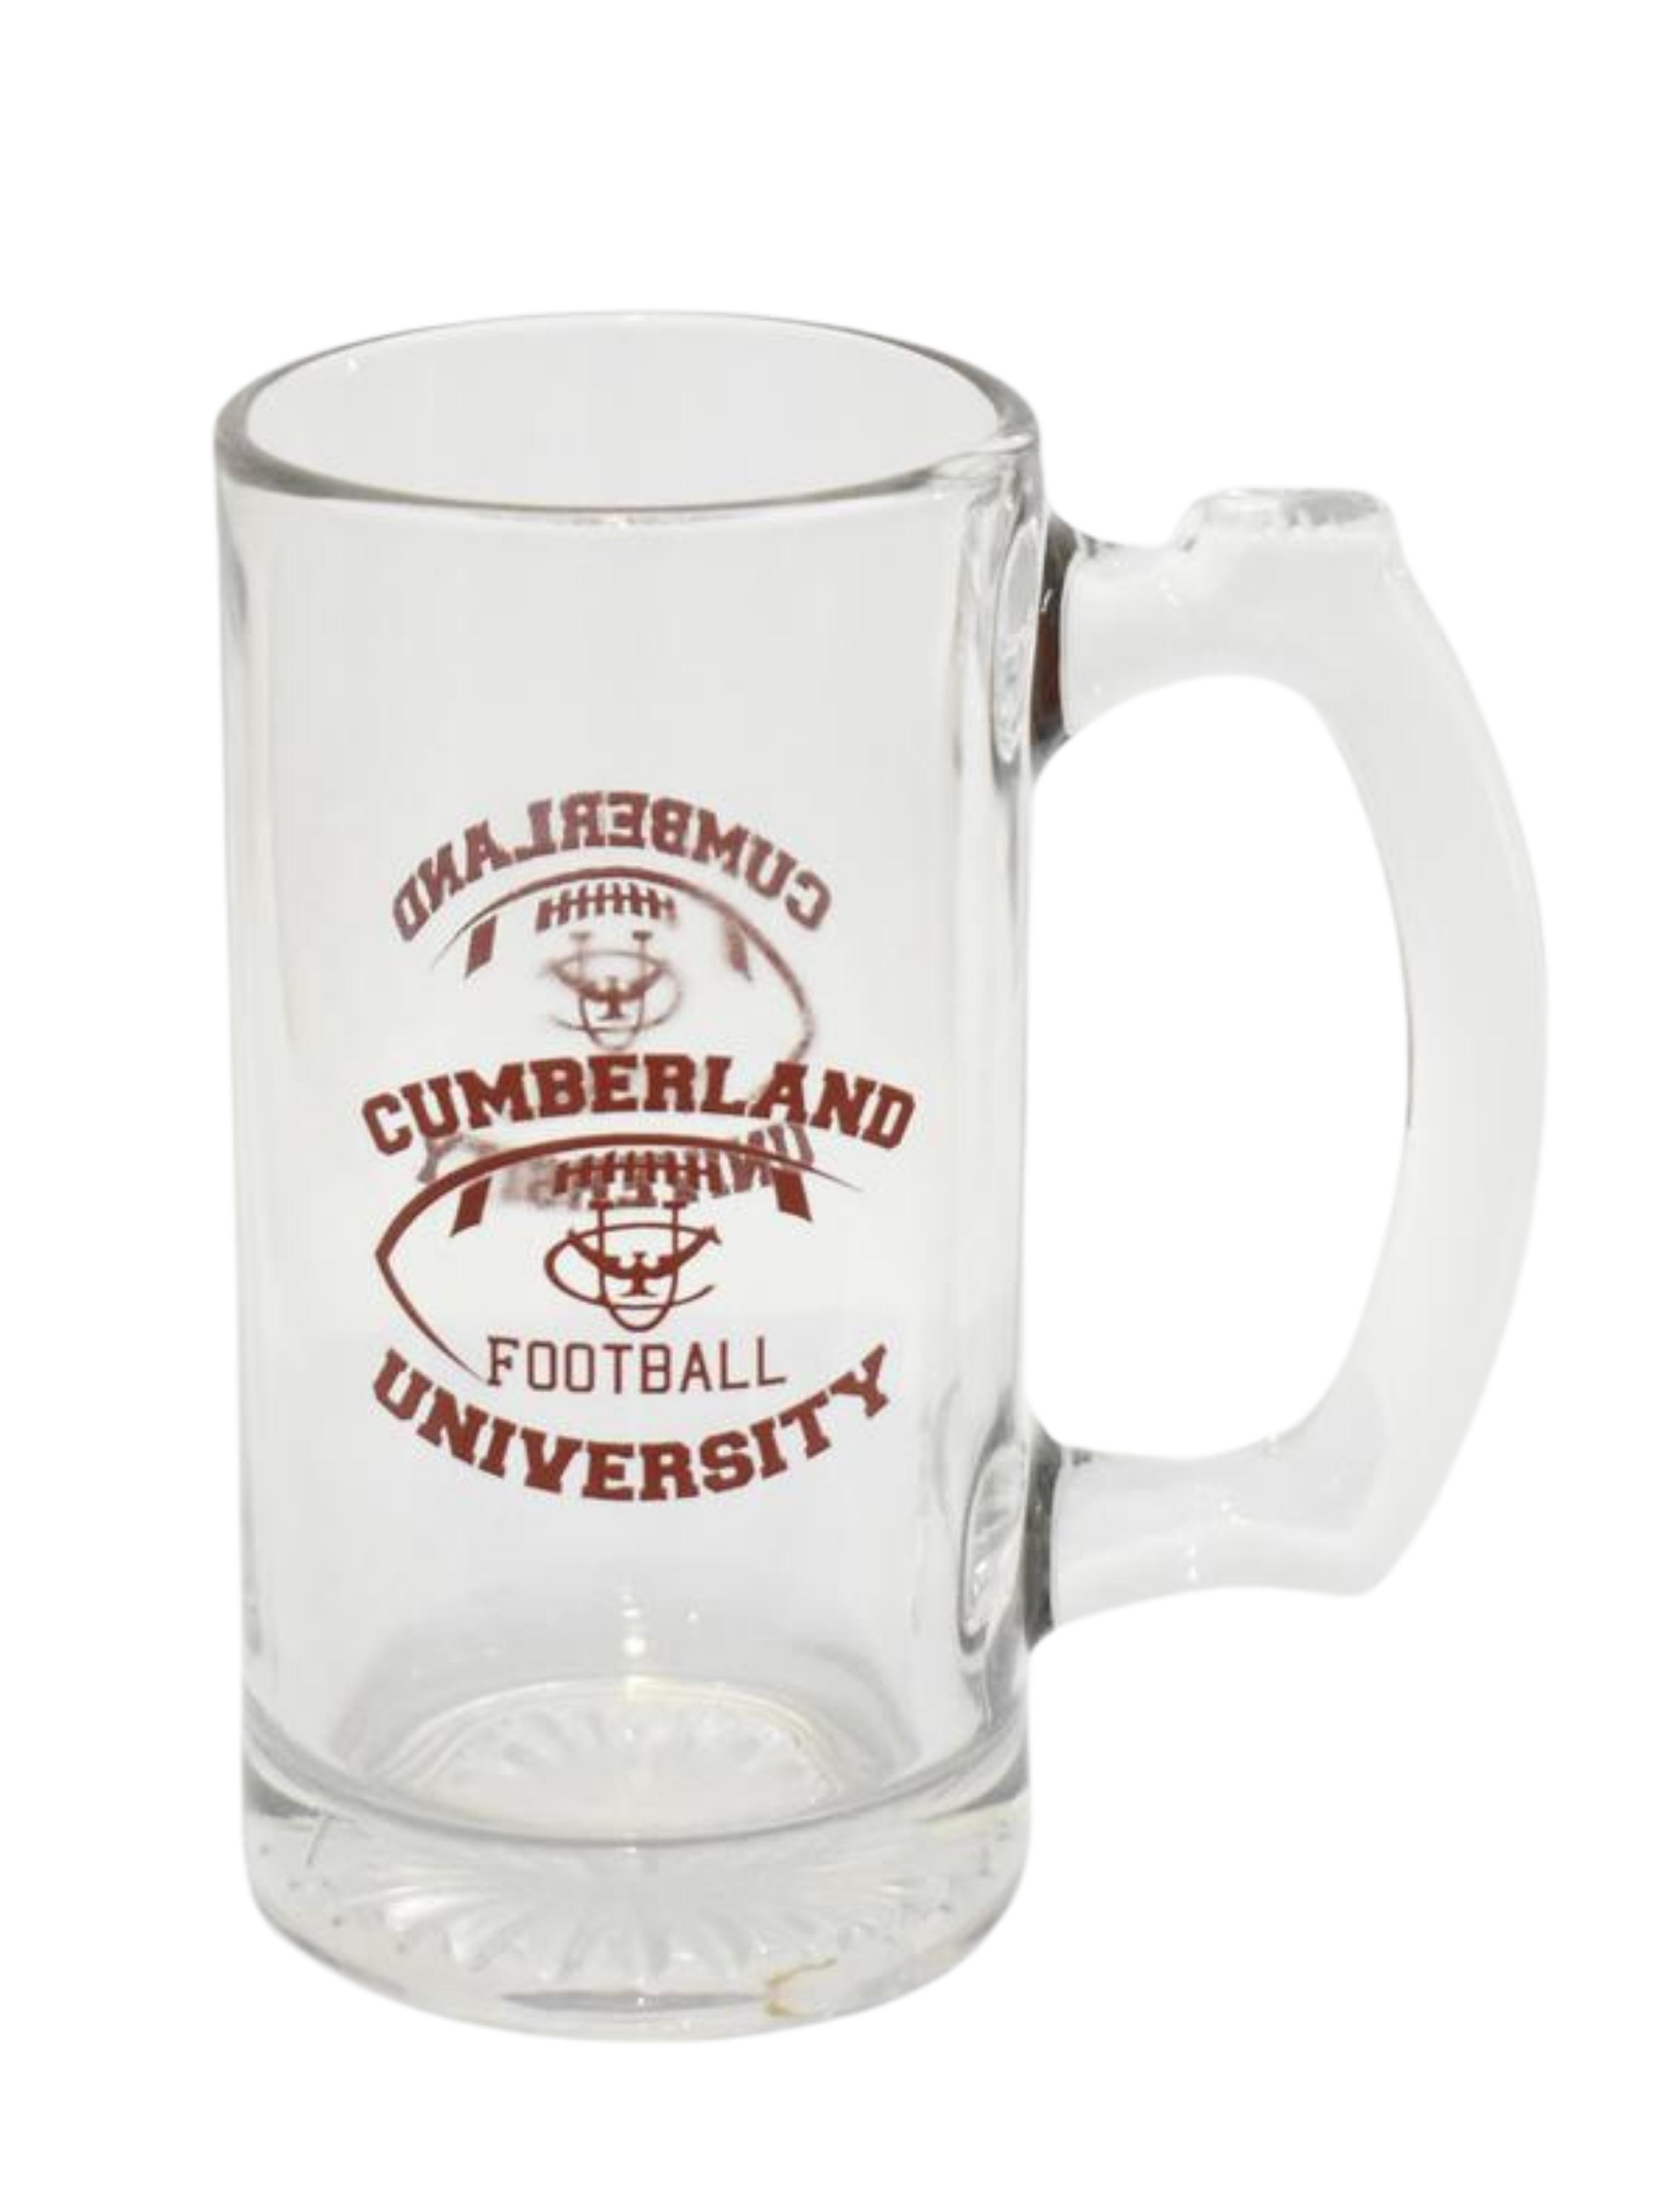 Cumberland University Football 12 oz. Glass Mug